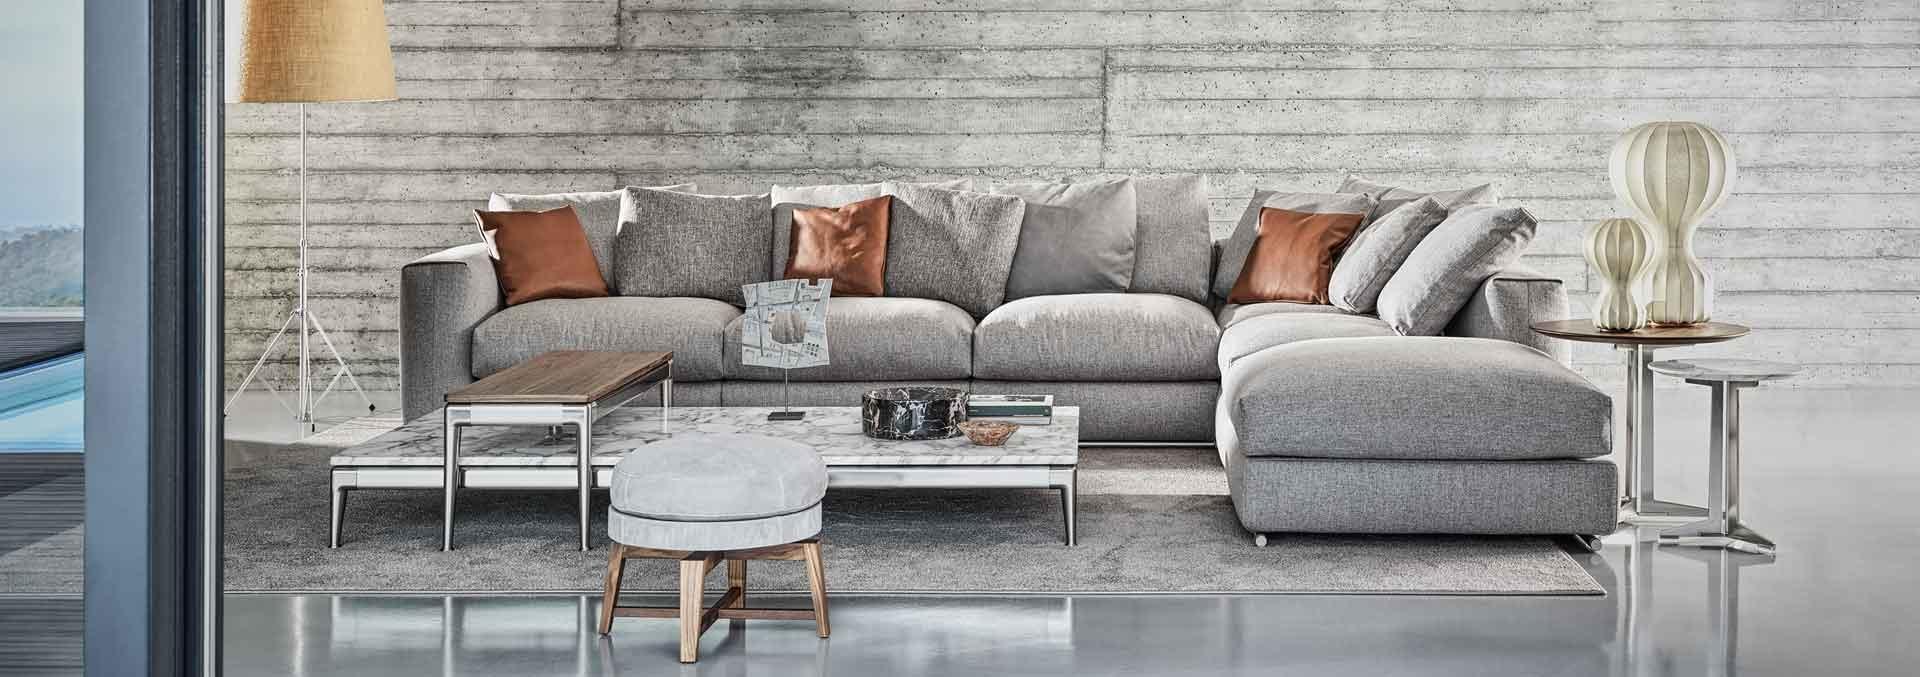 Déco Salon 2022: meubles massifs